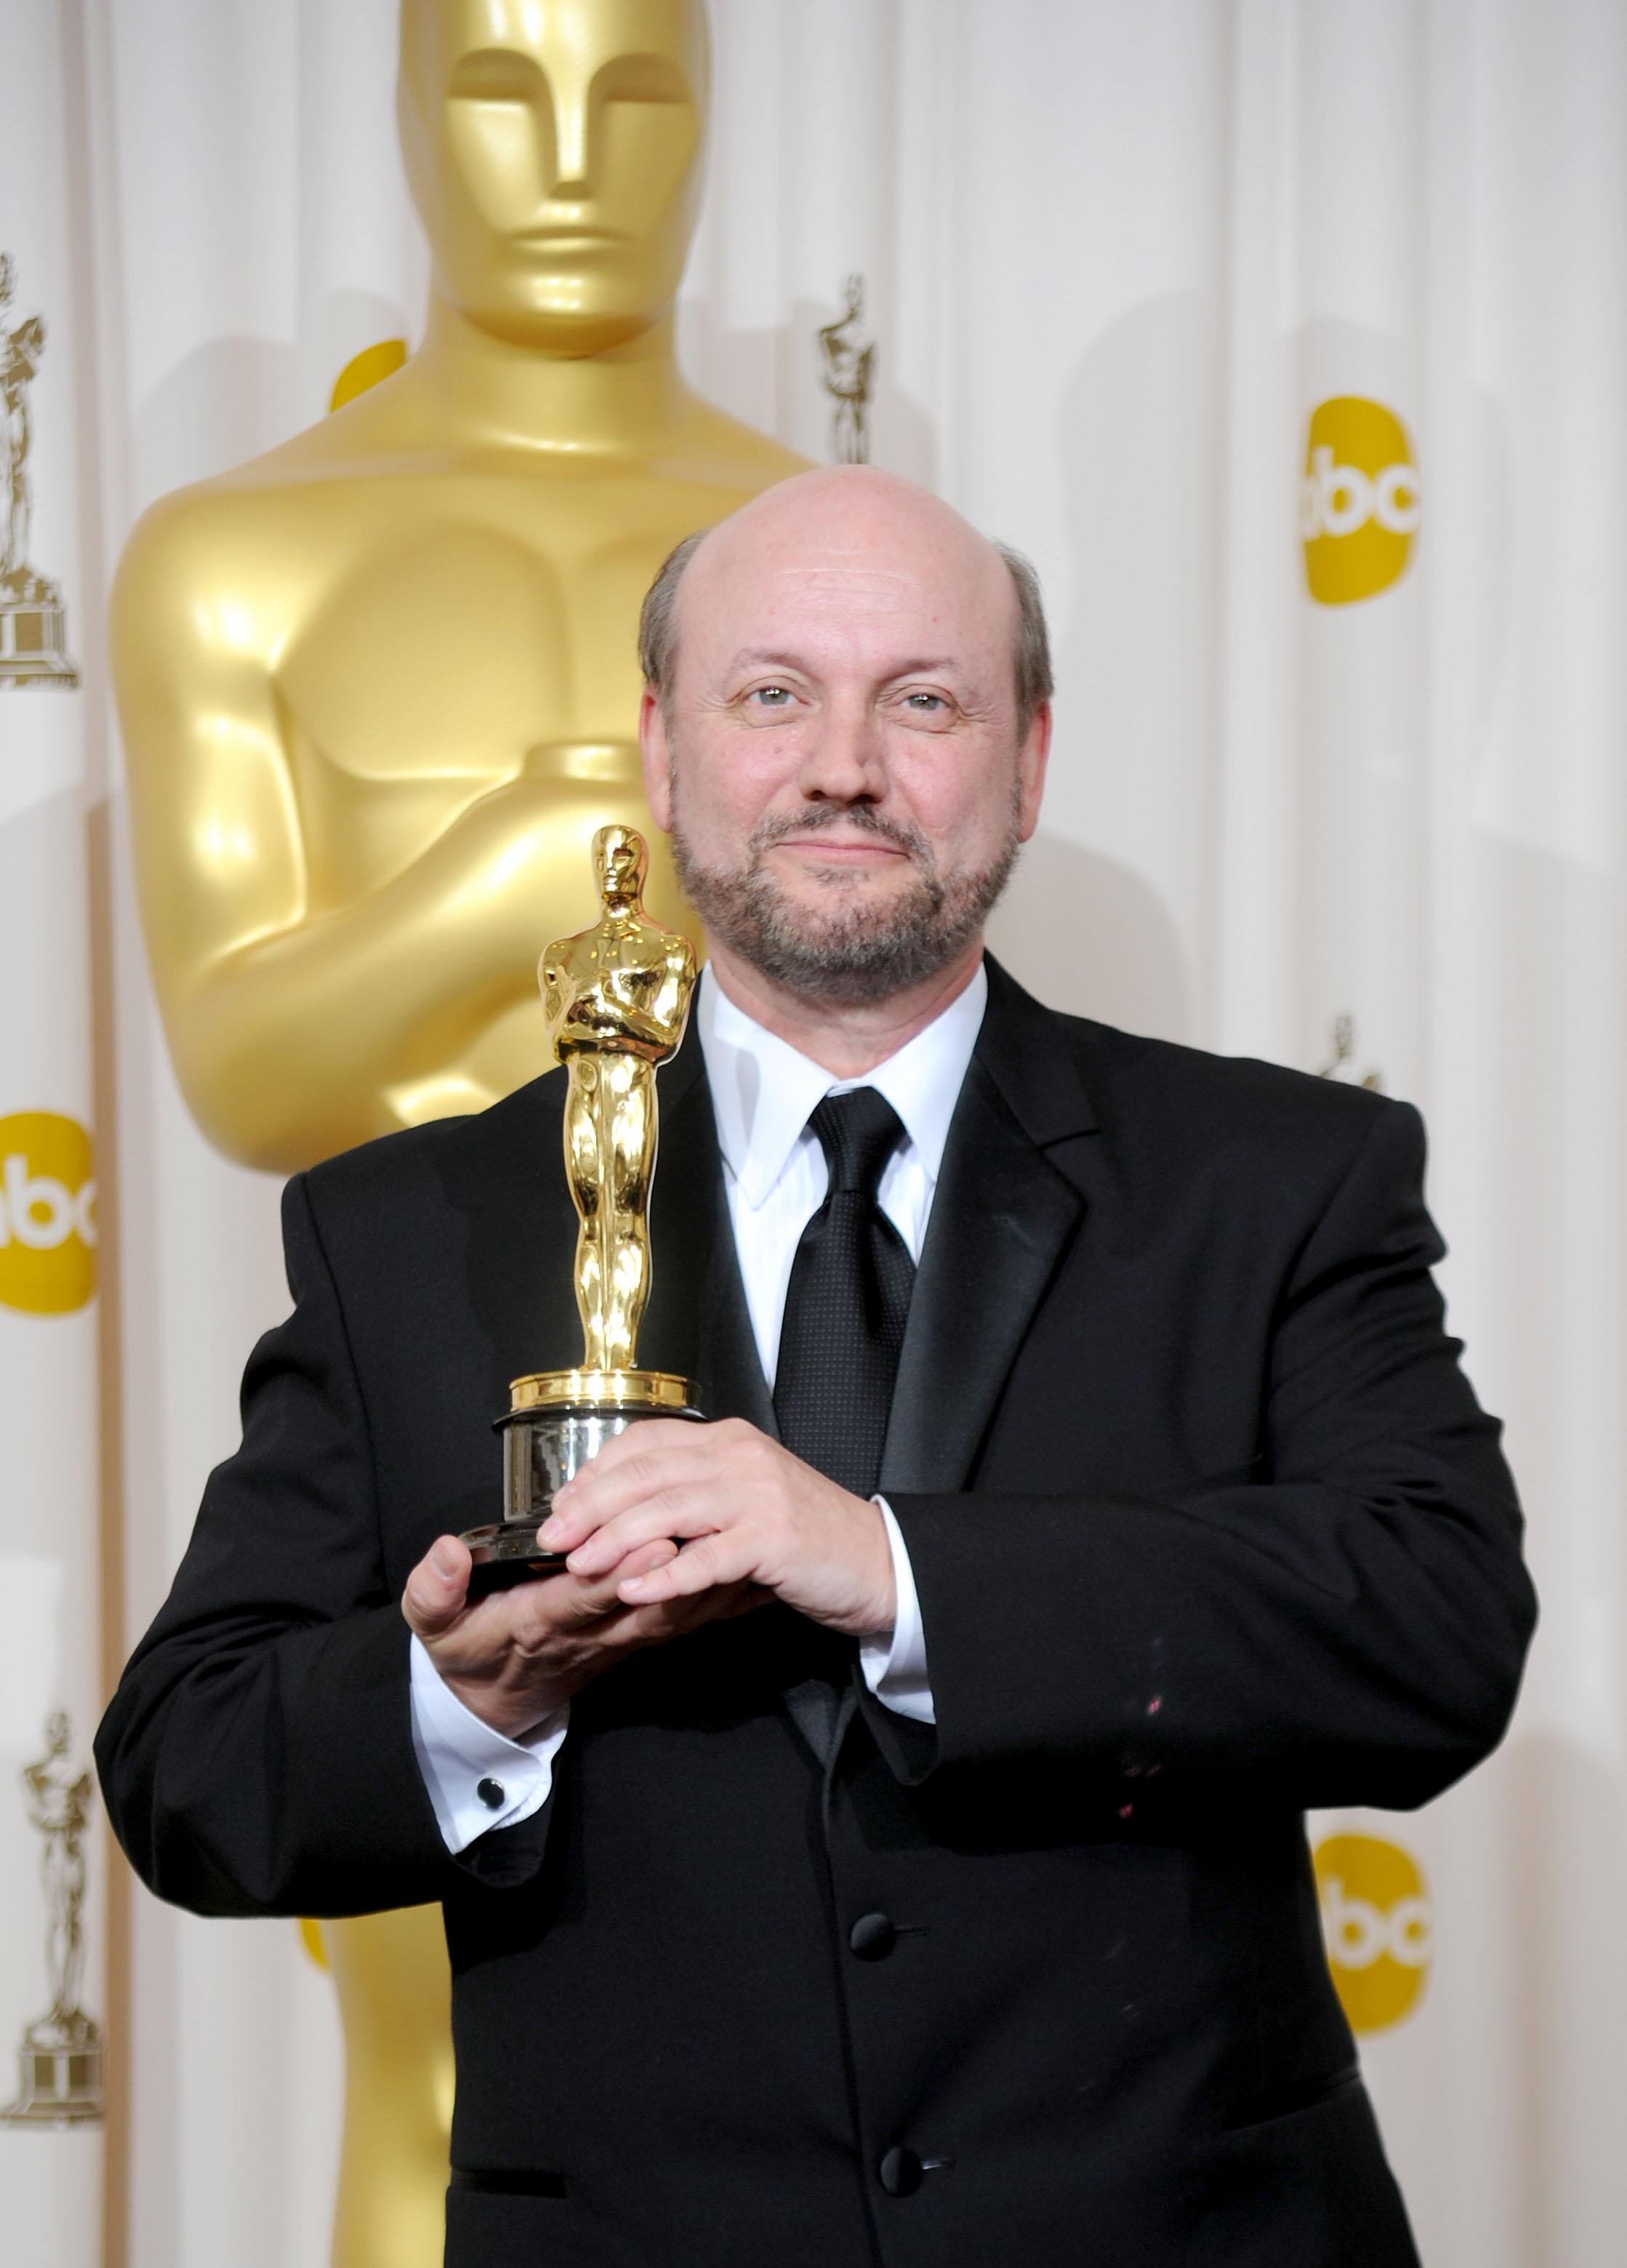 Campanella con el Oscar por El Secreto de sus ojos, ganadora el 7 de marzo de 2010 como Mejor Película Extranjera. Jason Merritt/Getty Images/AFP